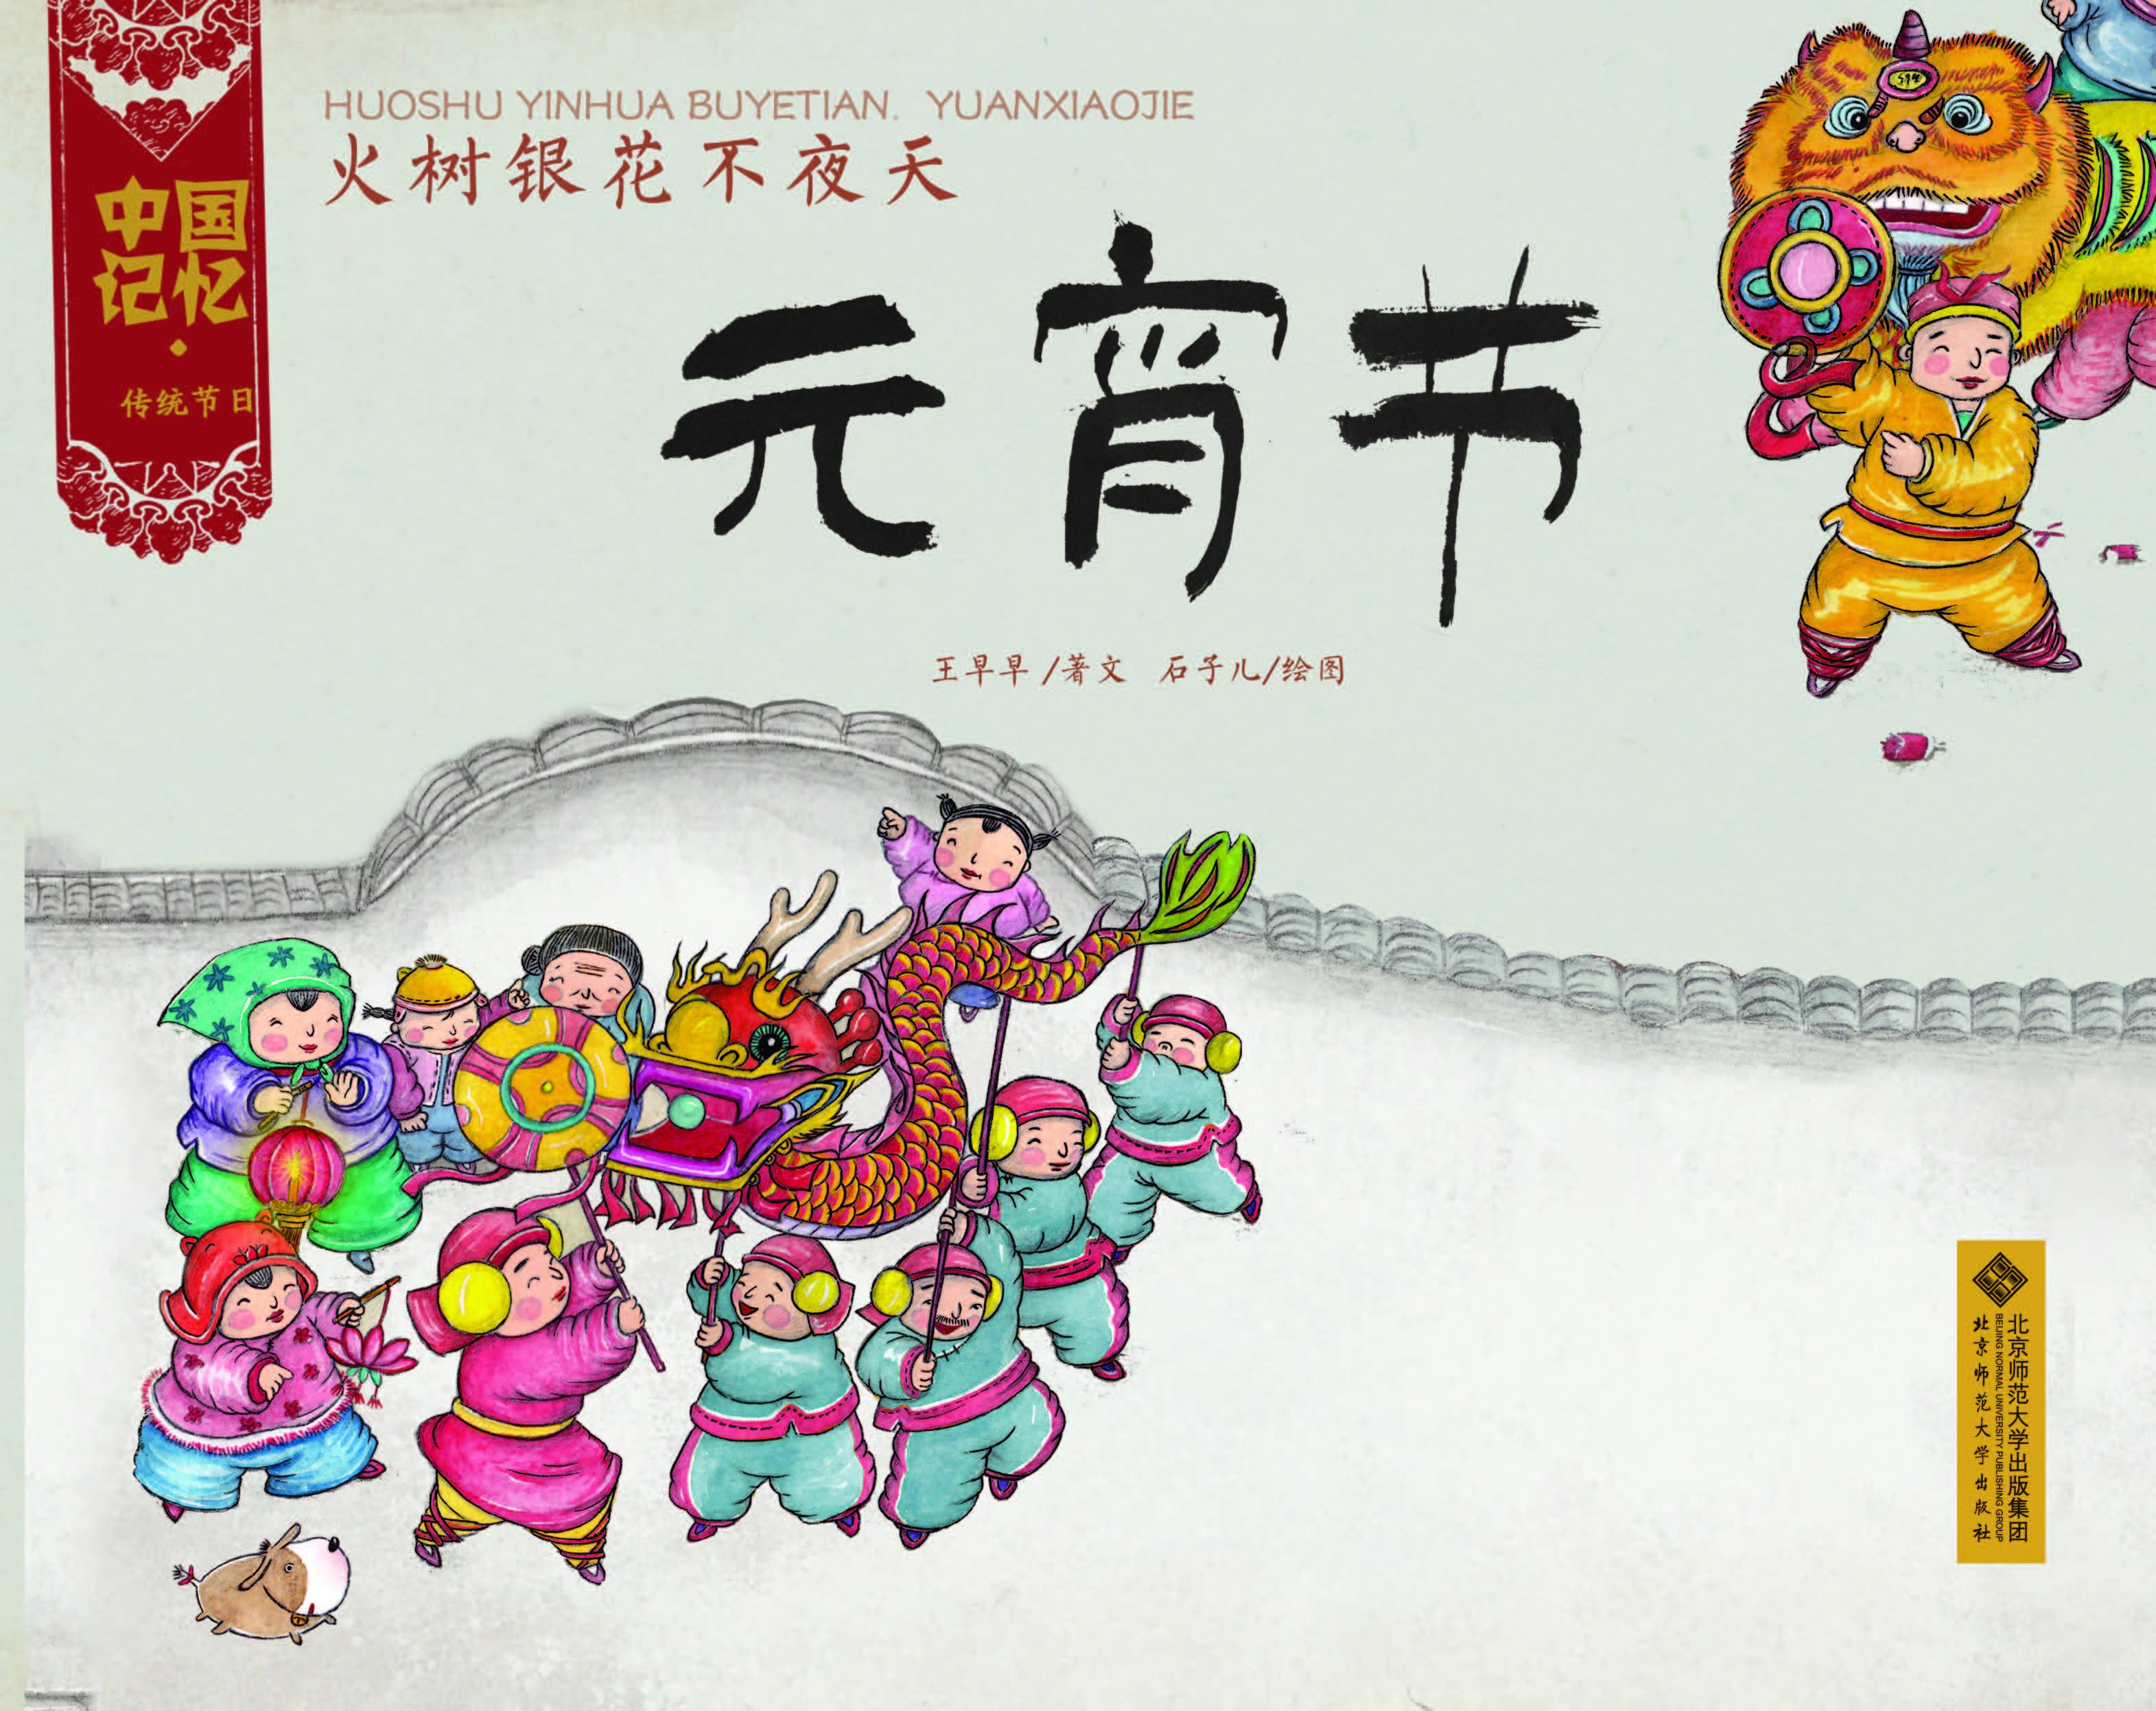 中国学龄前儿童数量